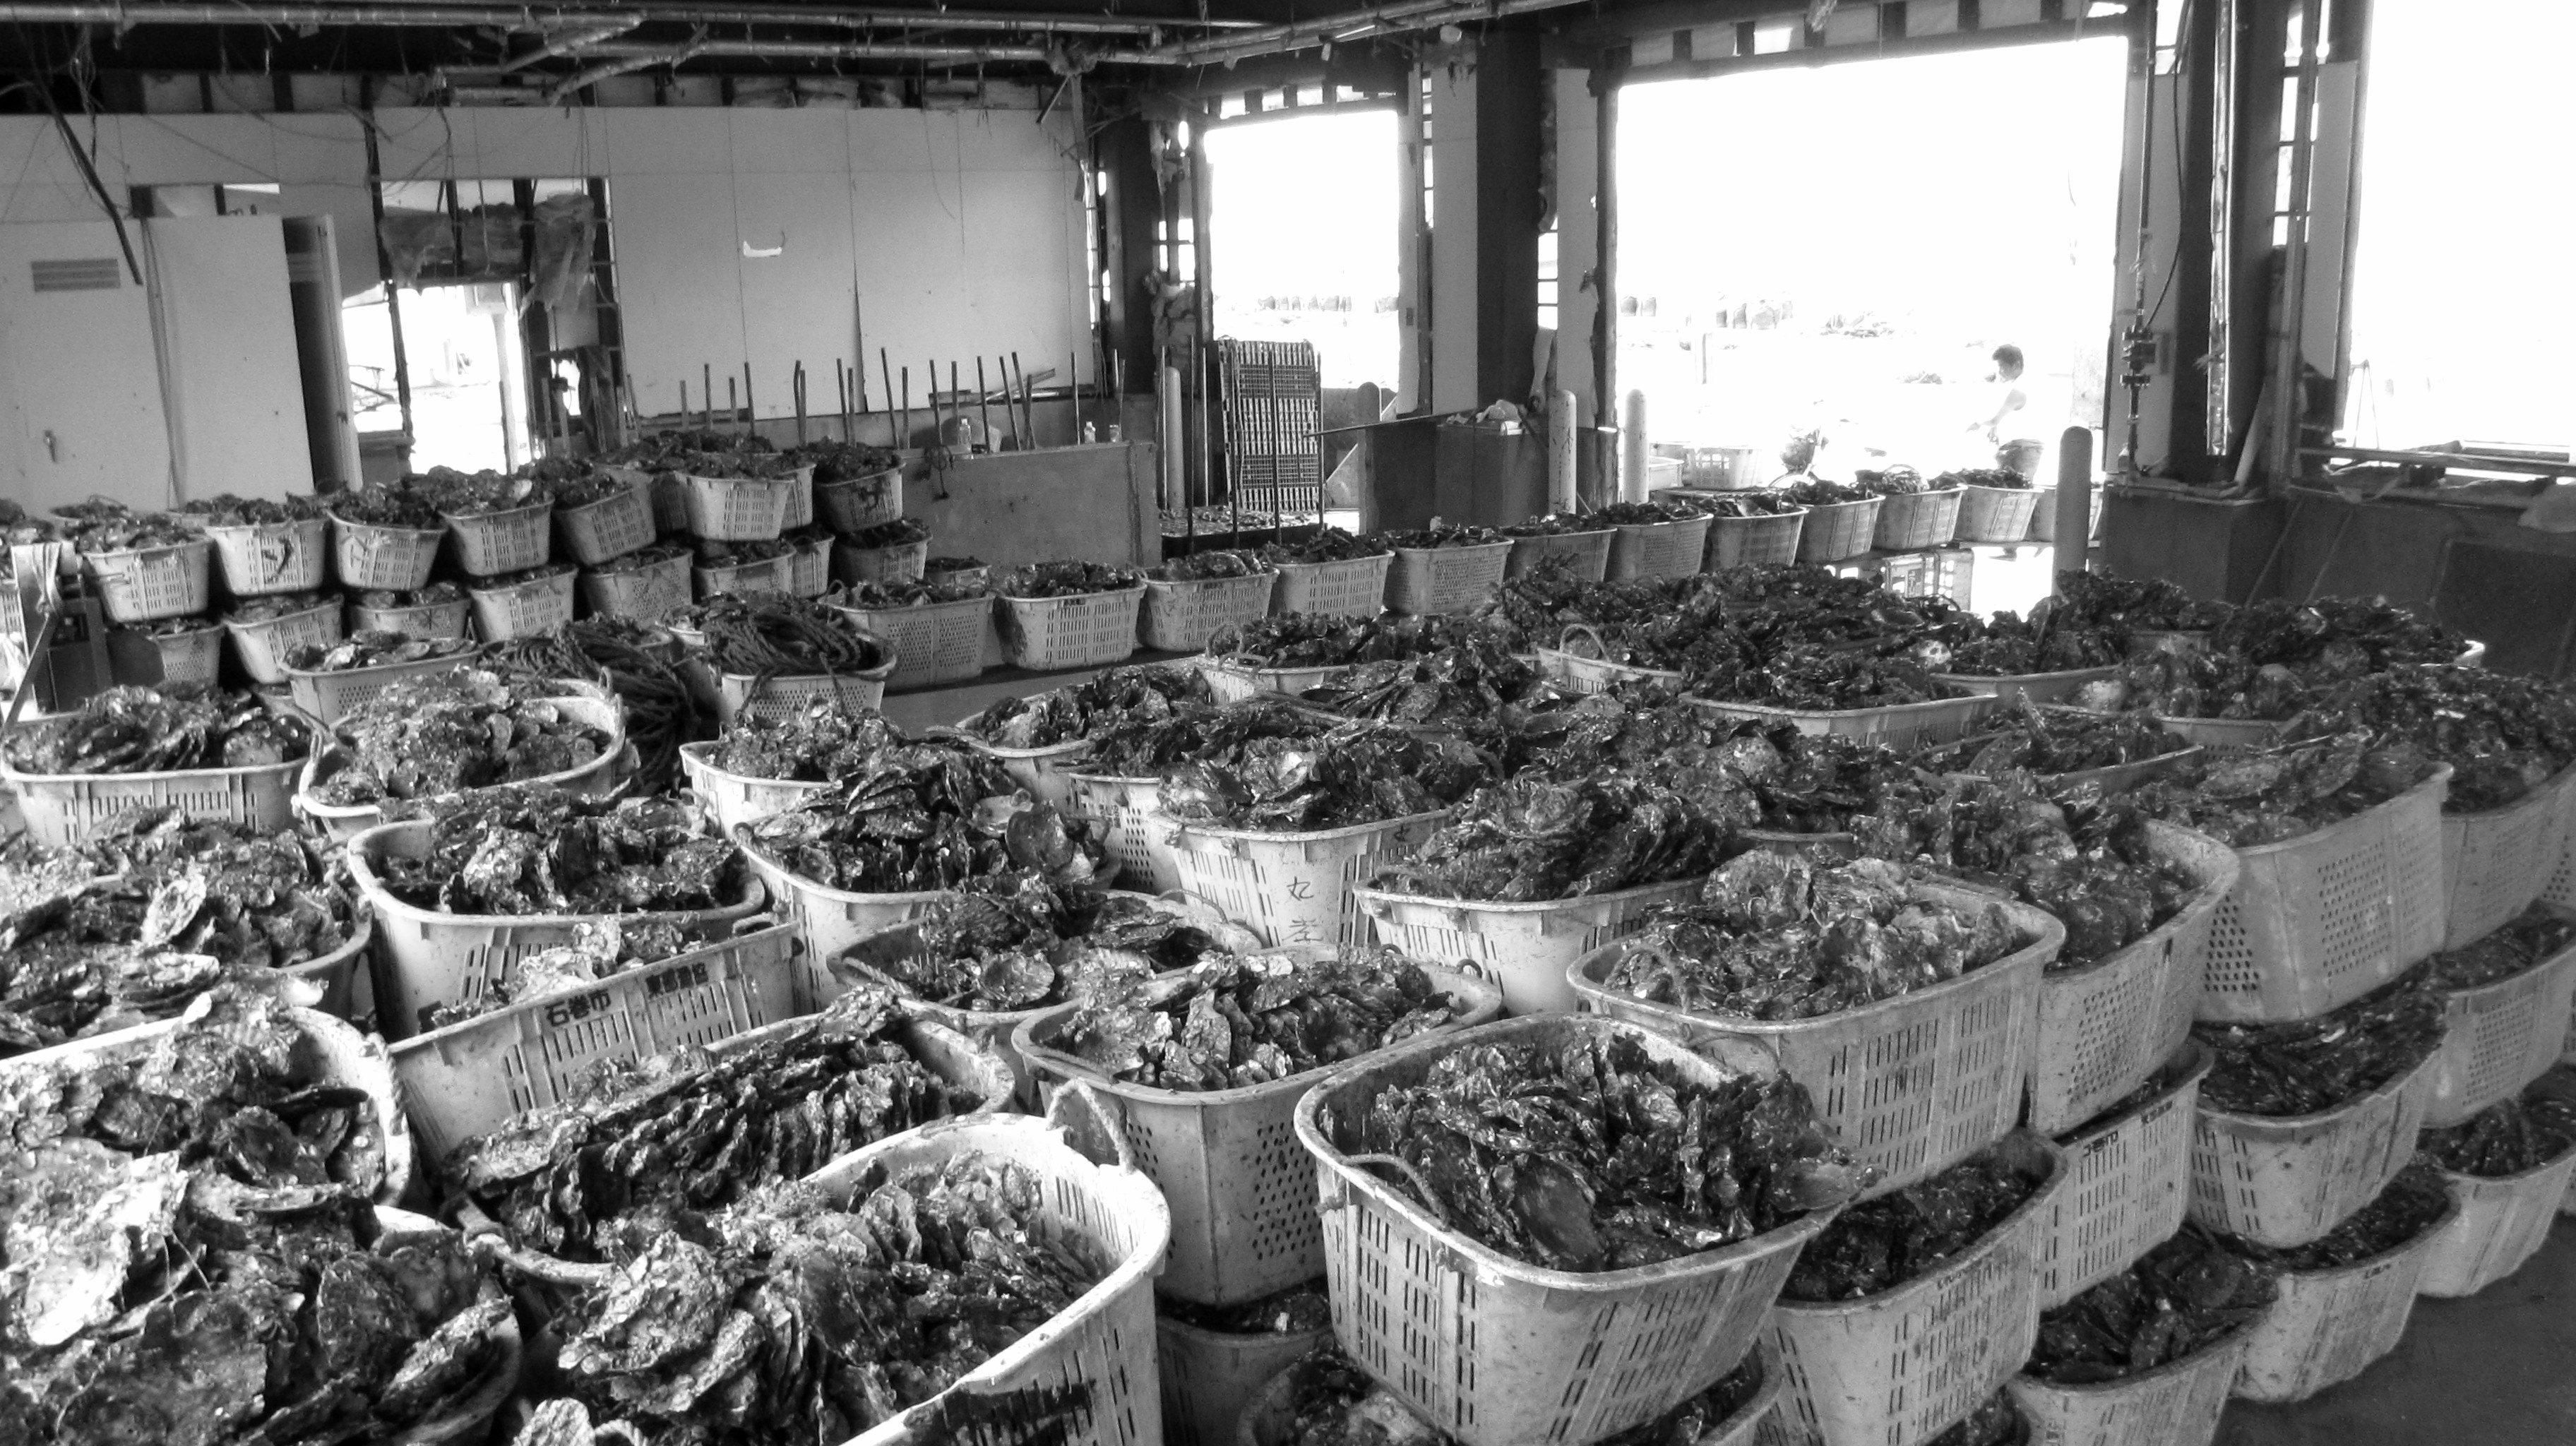 Japan, Ishinomaki, Kobuchi-hama, Kobuchihama, fishing, oysters, 3.11, 2011, March 11, recovery, efforts